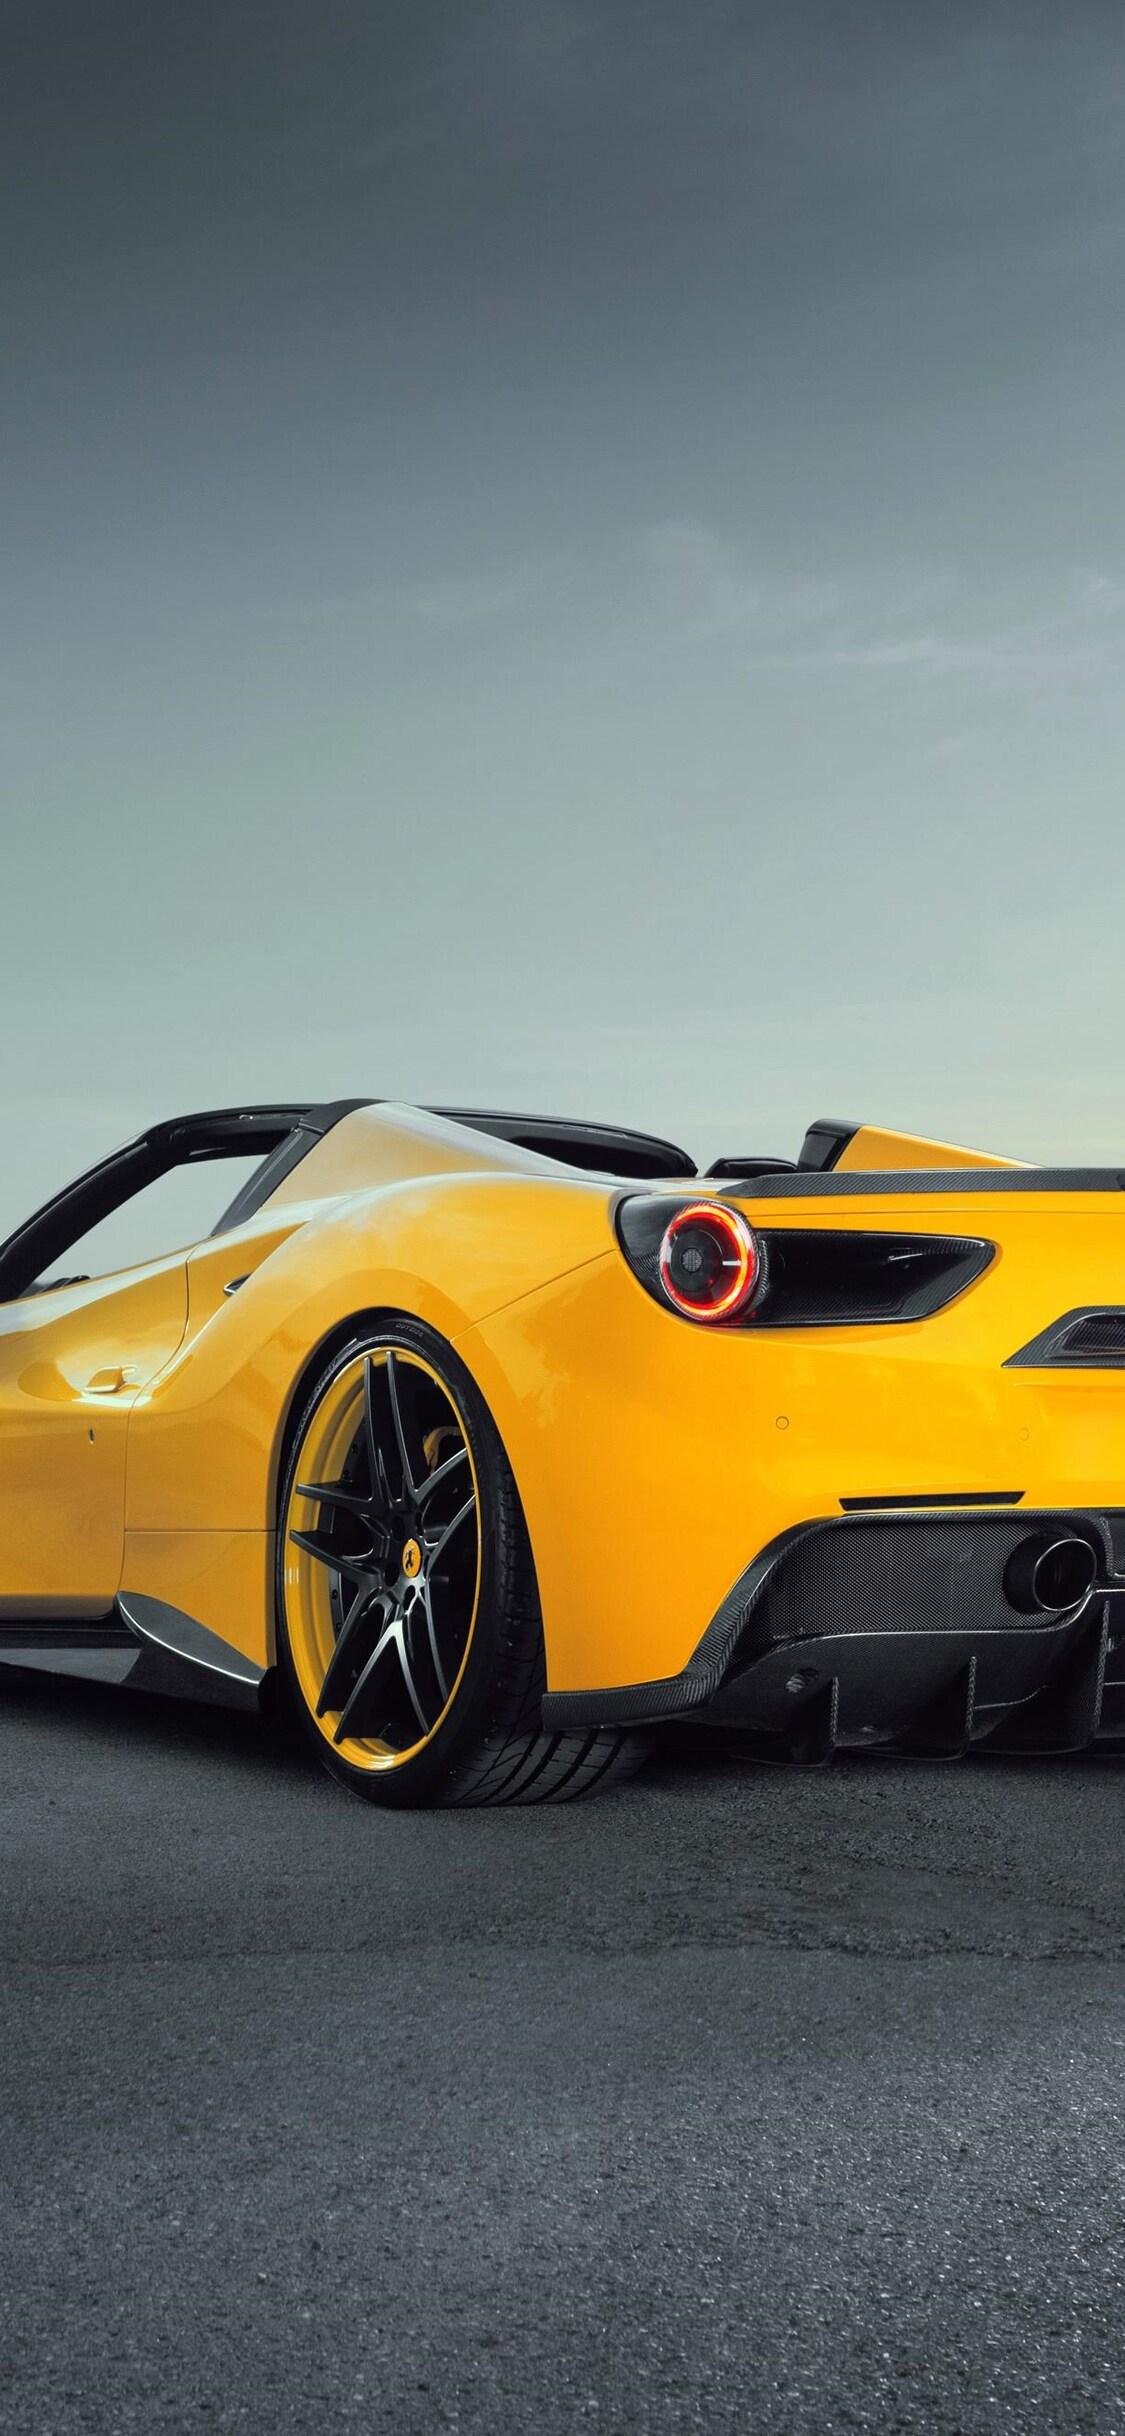 Get Ferrari Wallpaper 4K Iphone Pics